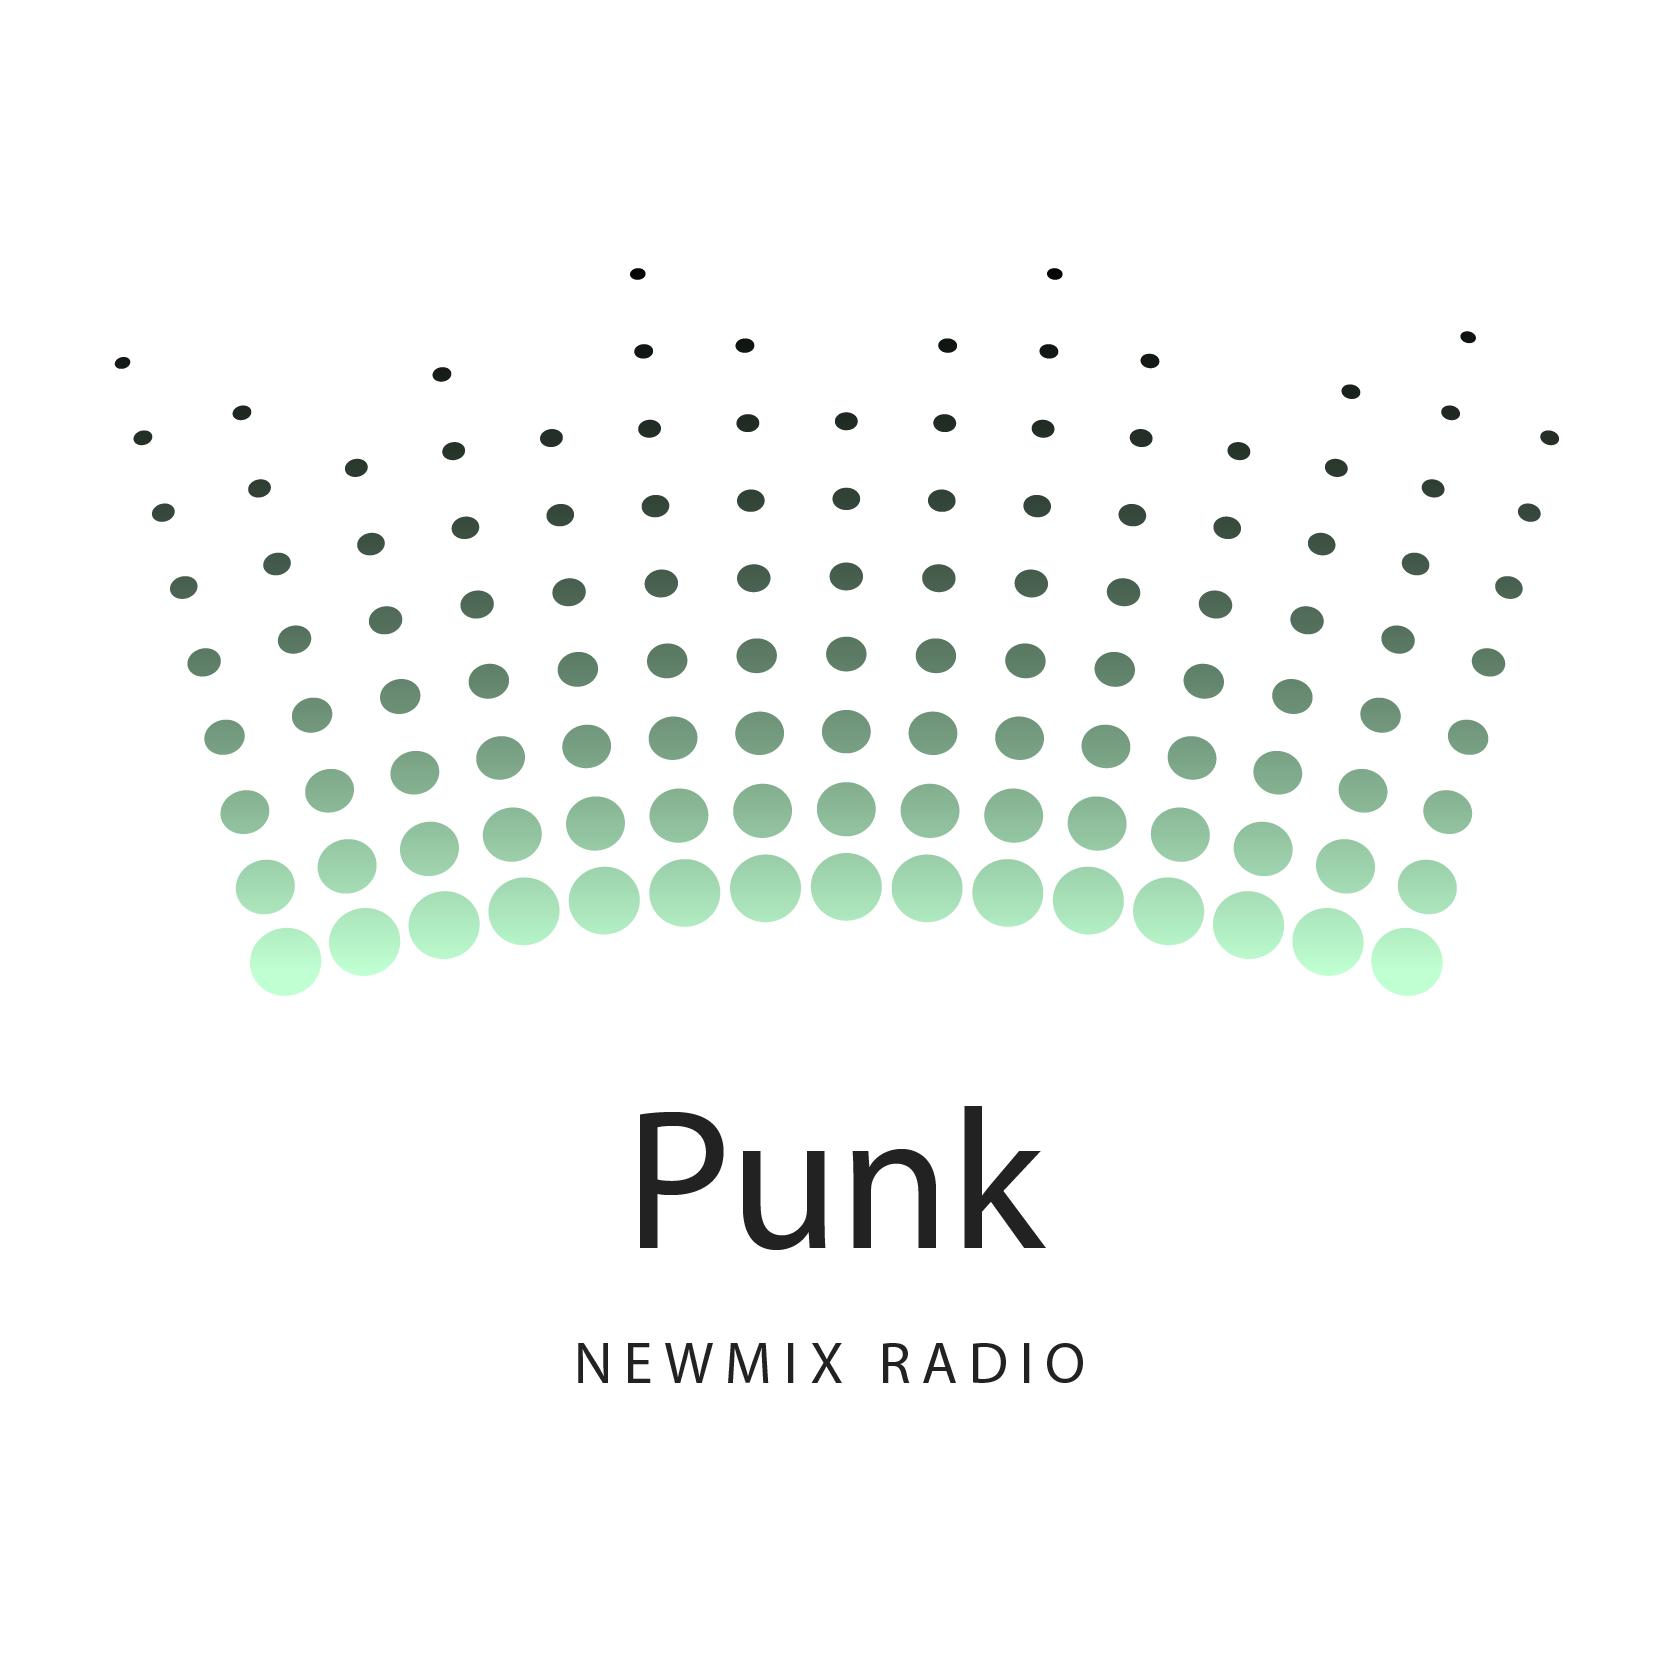 A_A Punk